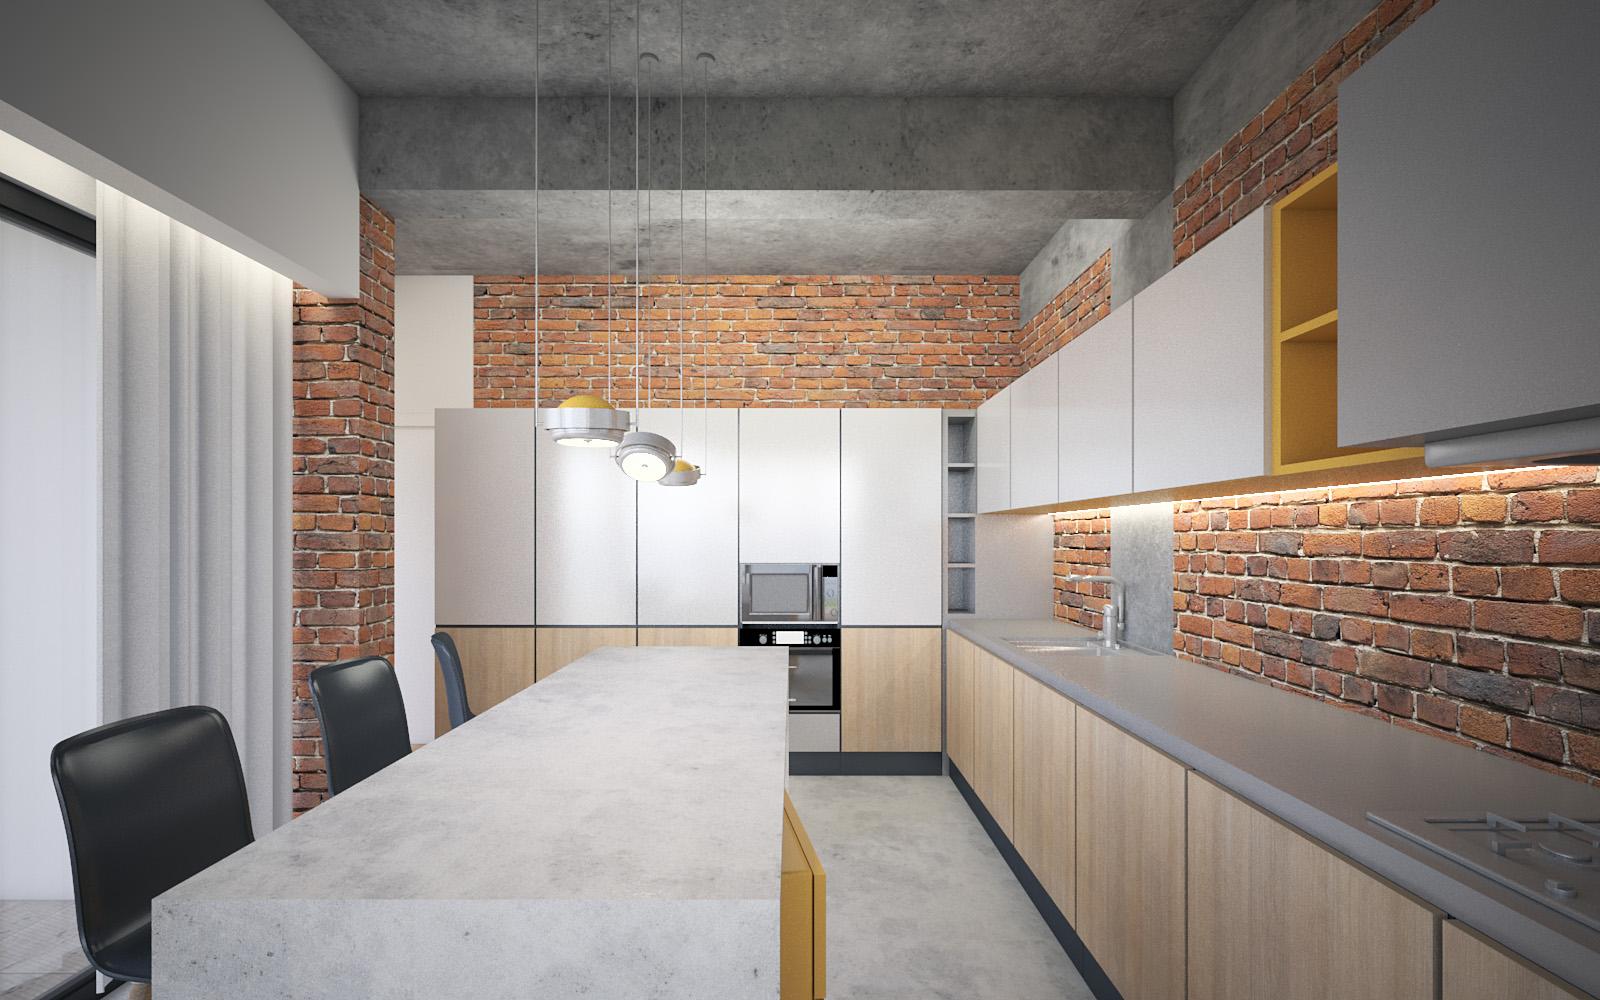 https://nbc-arhitect.ro/wp-content/uploads/2020/10/NBC-Arhitect-_-Arcstil-Residences-_-Romania-_-interior-design-view_10.jpg